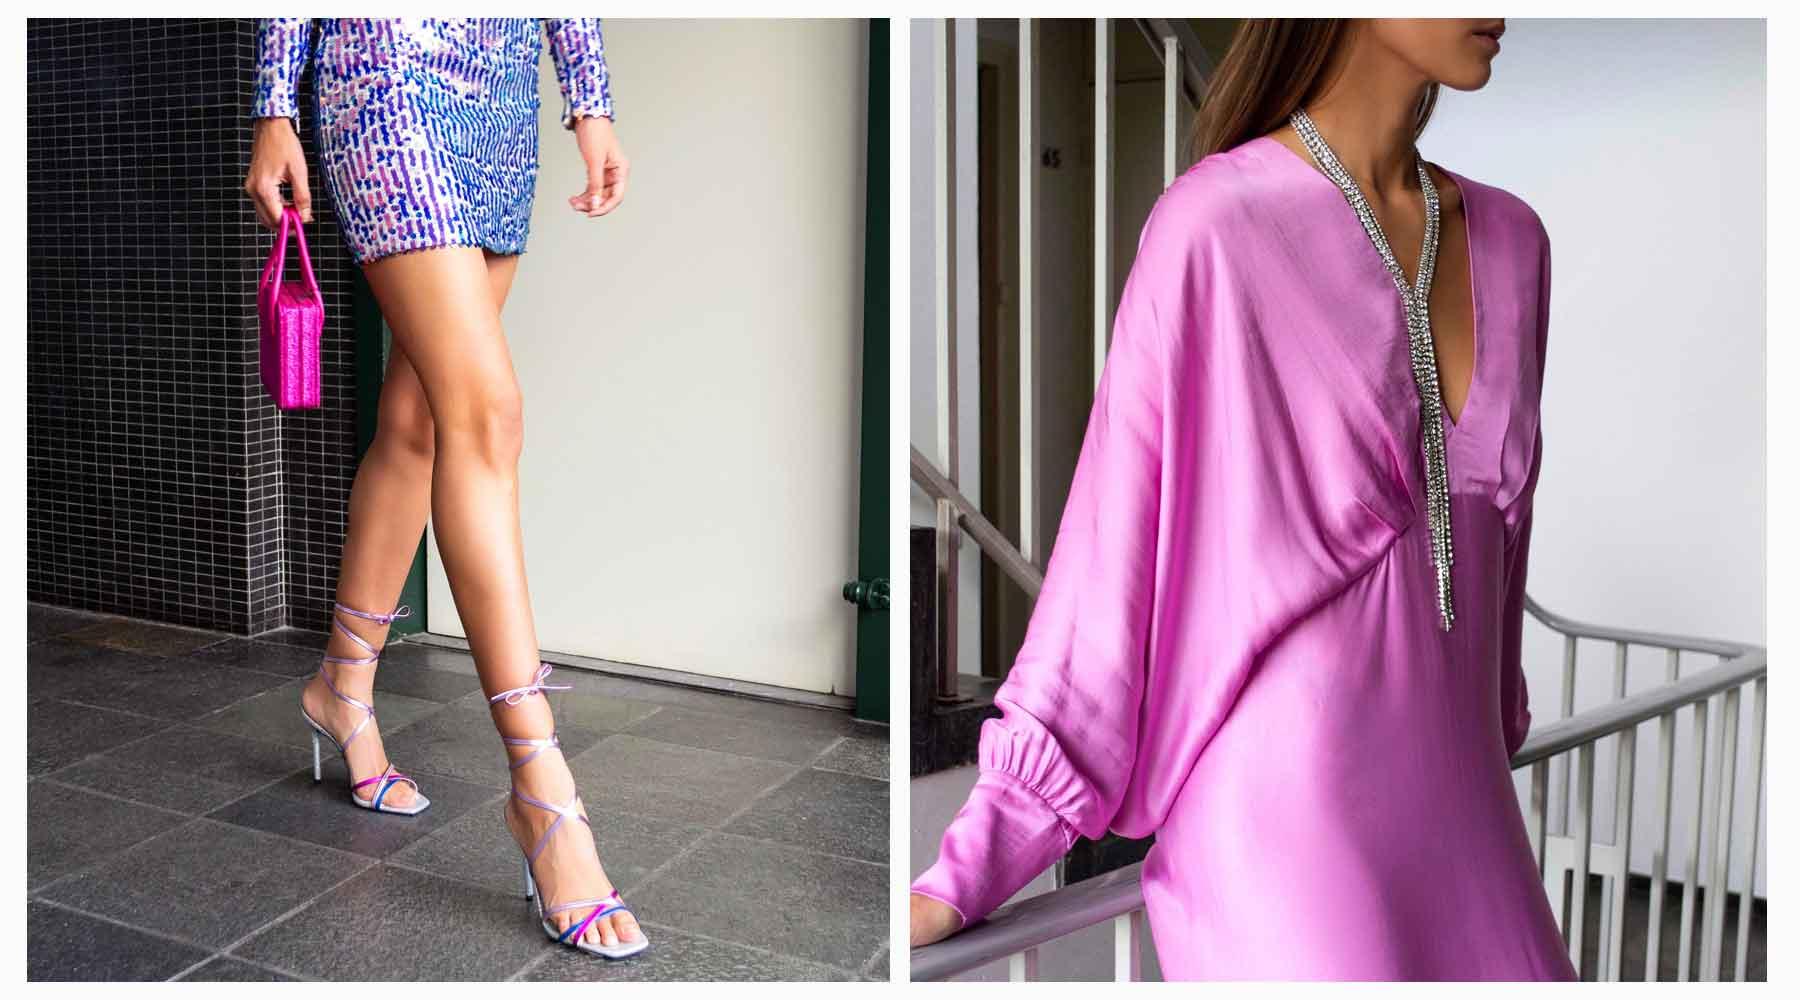 Fashionshoot_highend_luxury